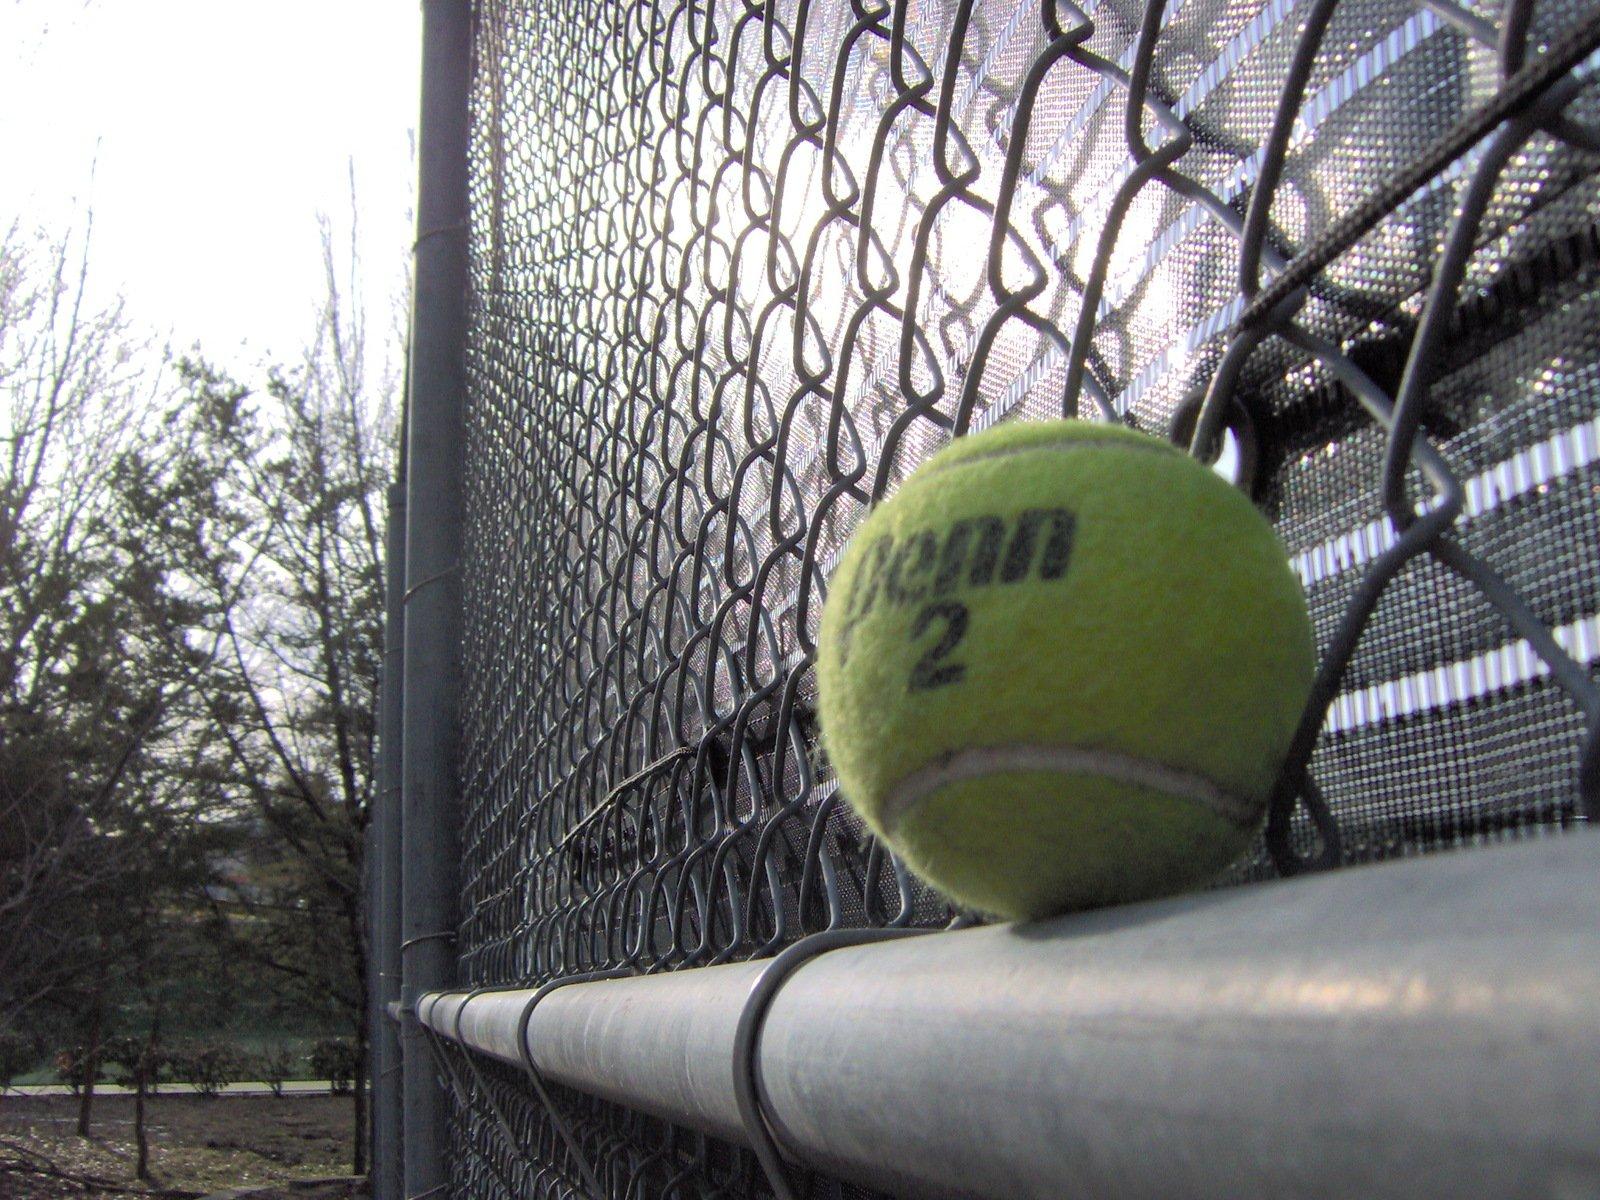 Free Bola De Tnis Stock Photo Freeimagescom Tennis